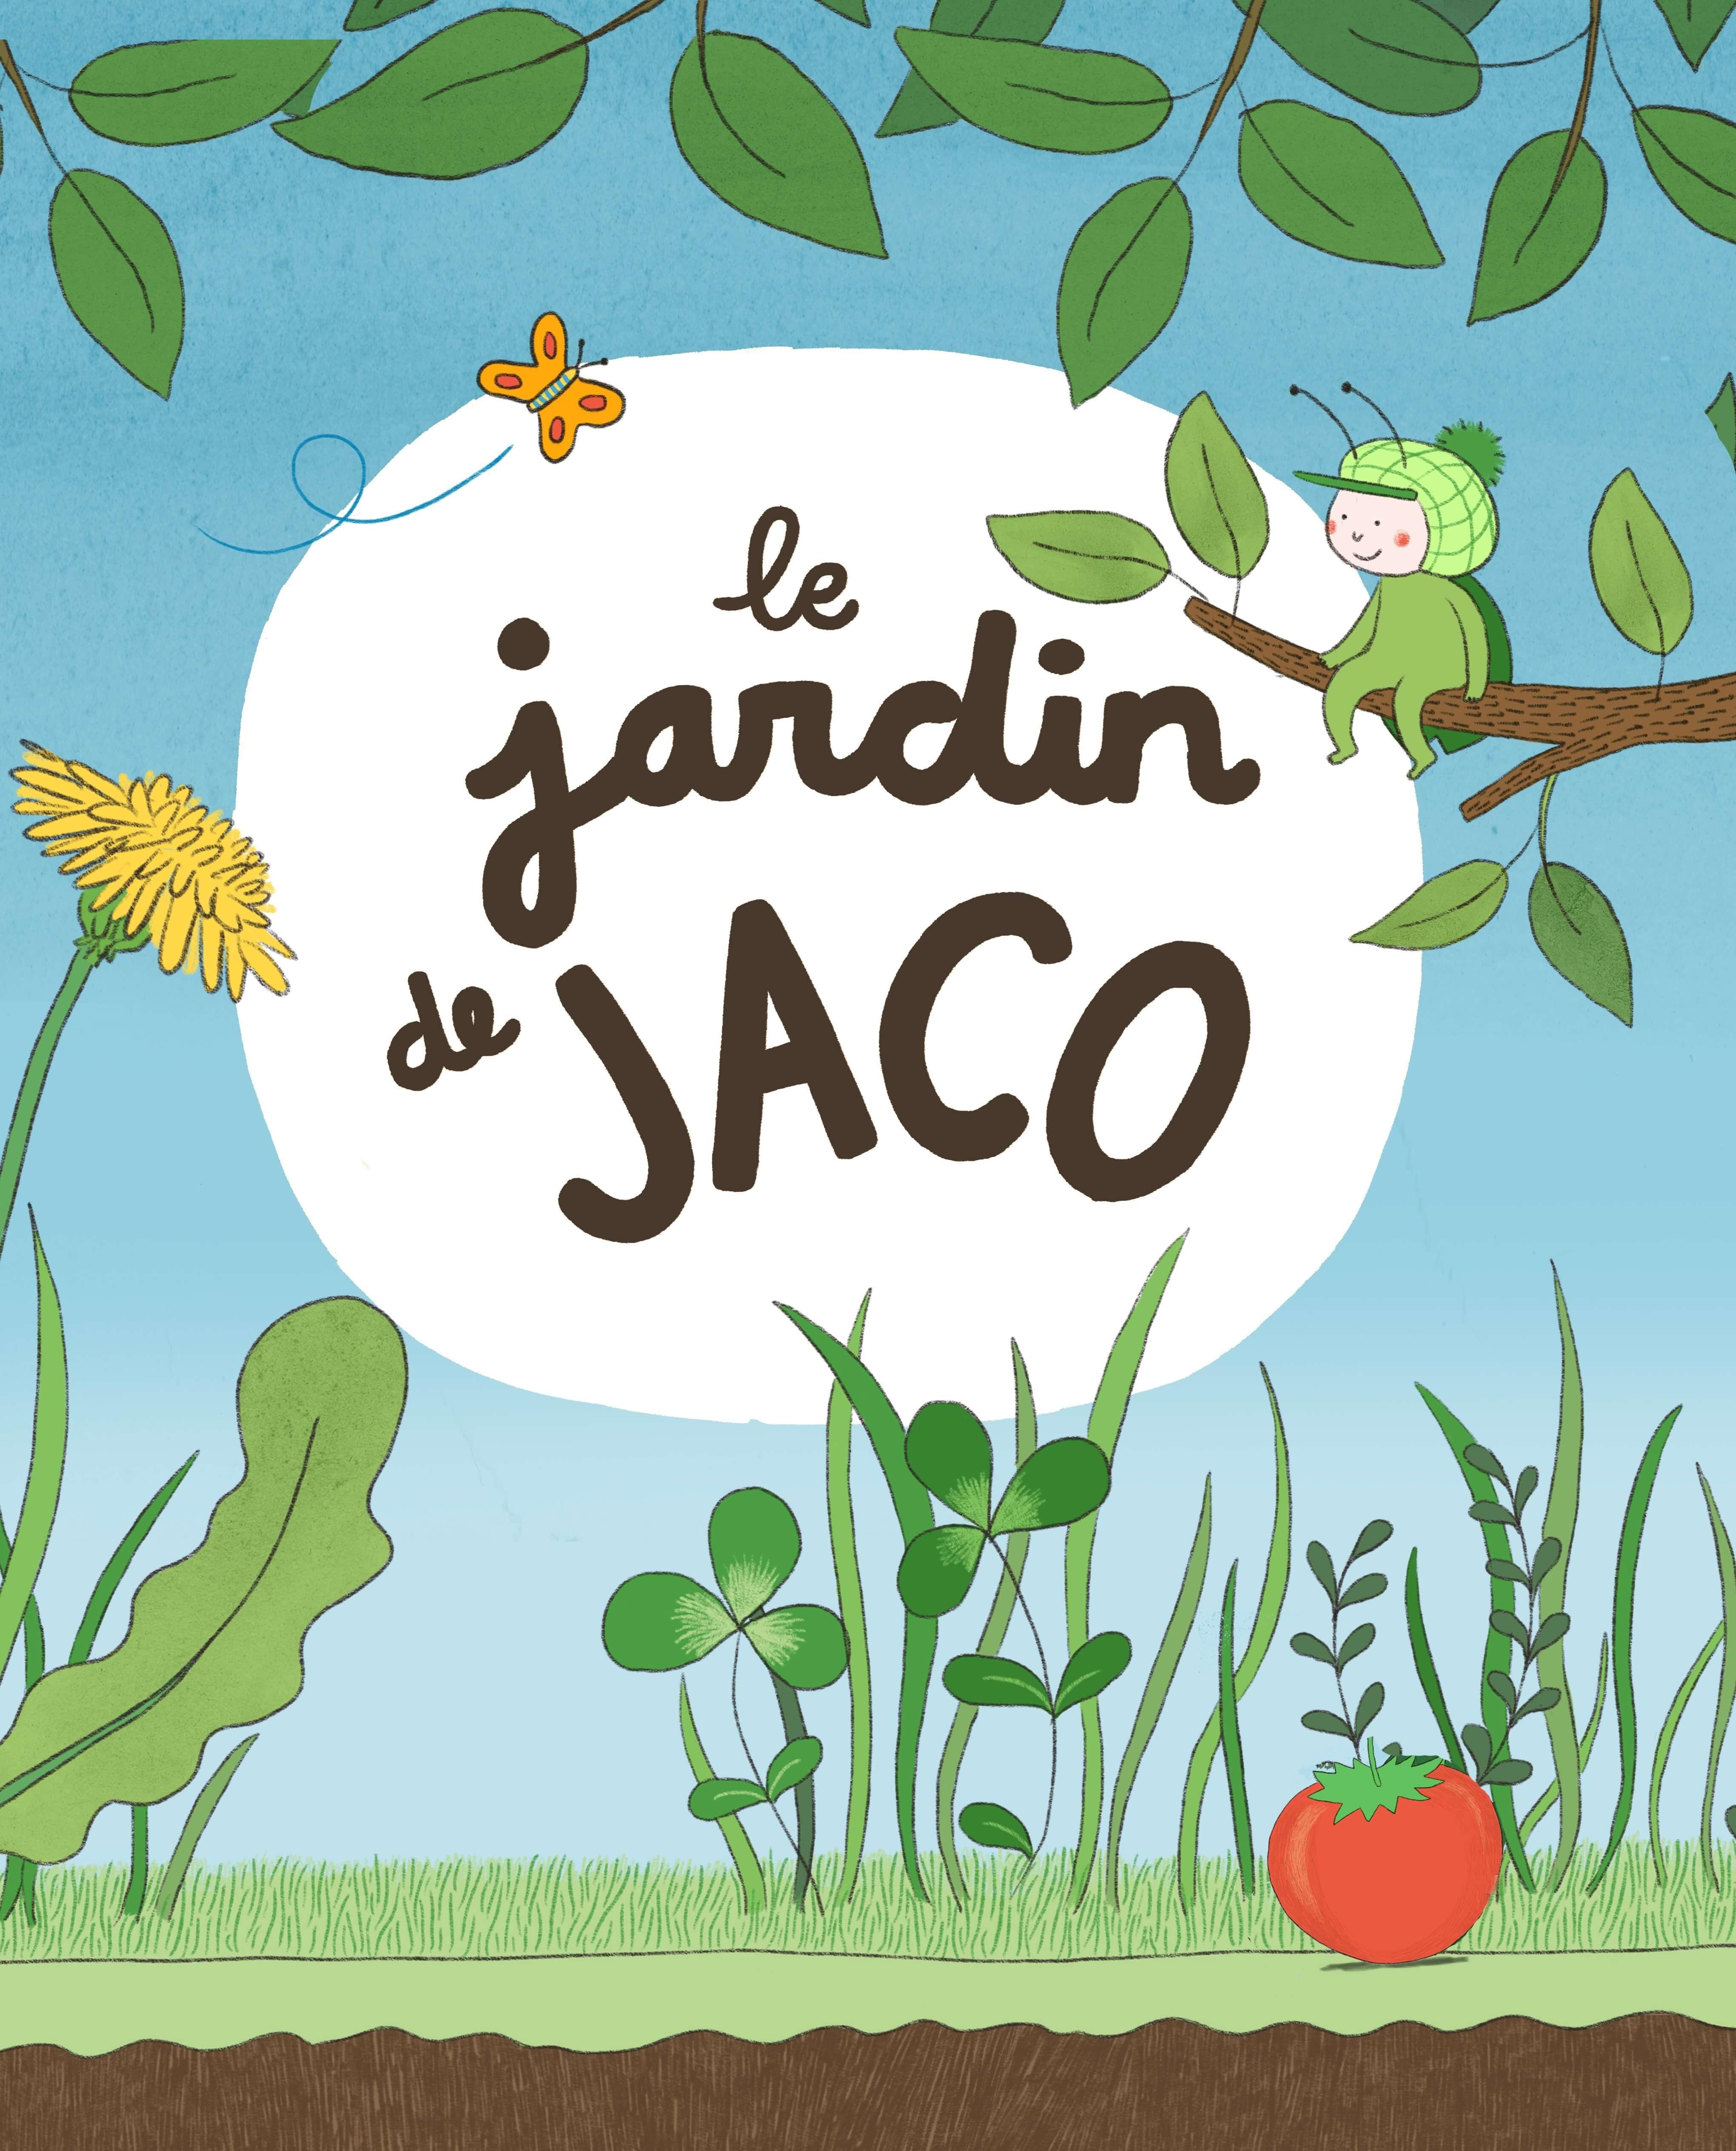 MARIANNE JARDIN DE JACO COVER JPEG RESIZED